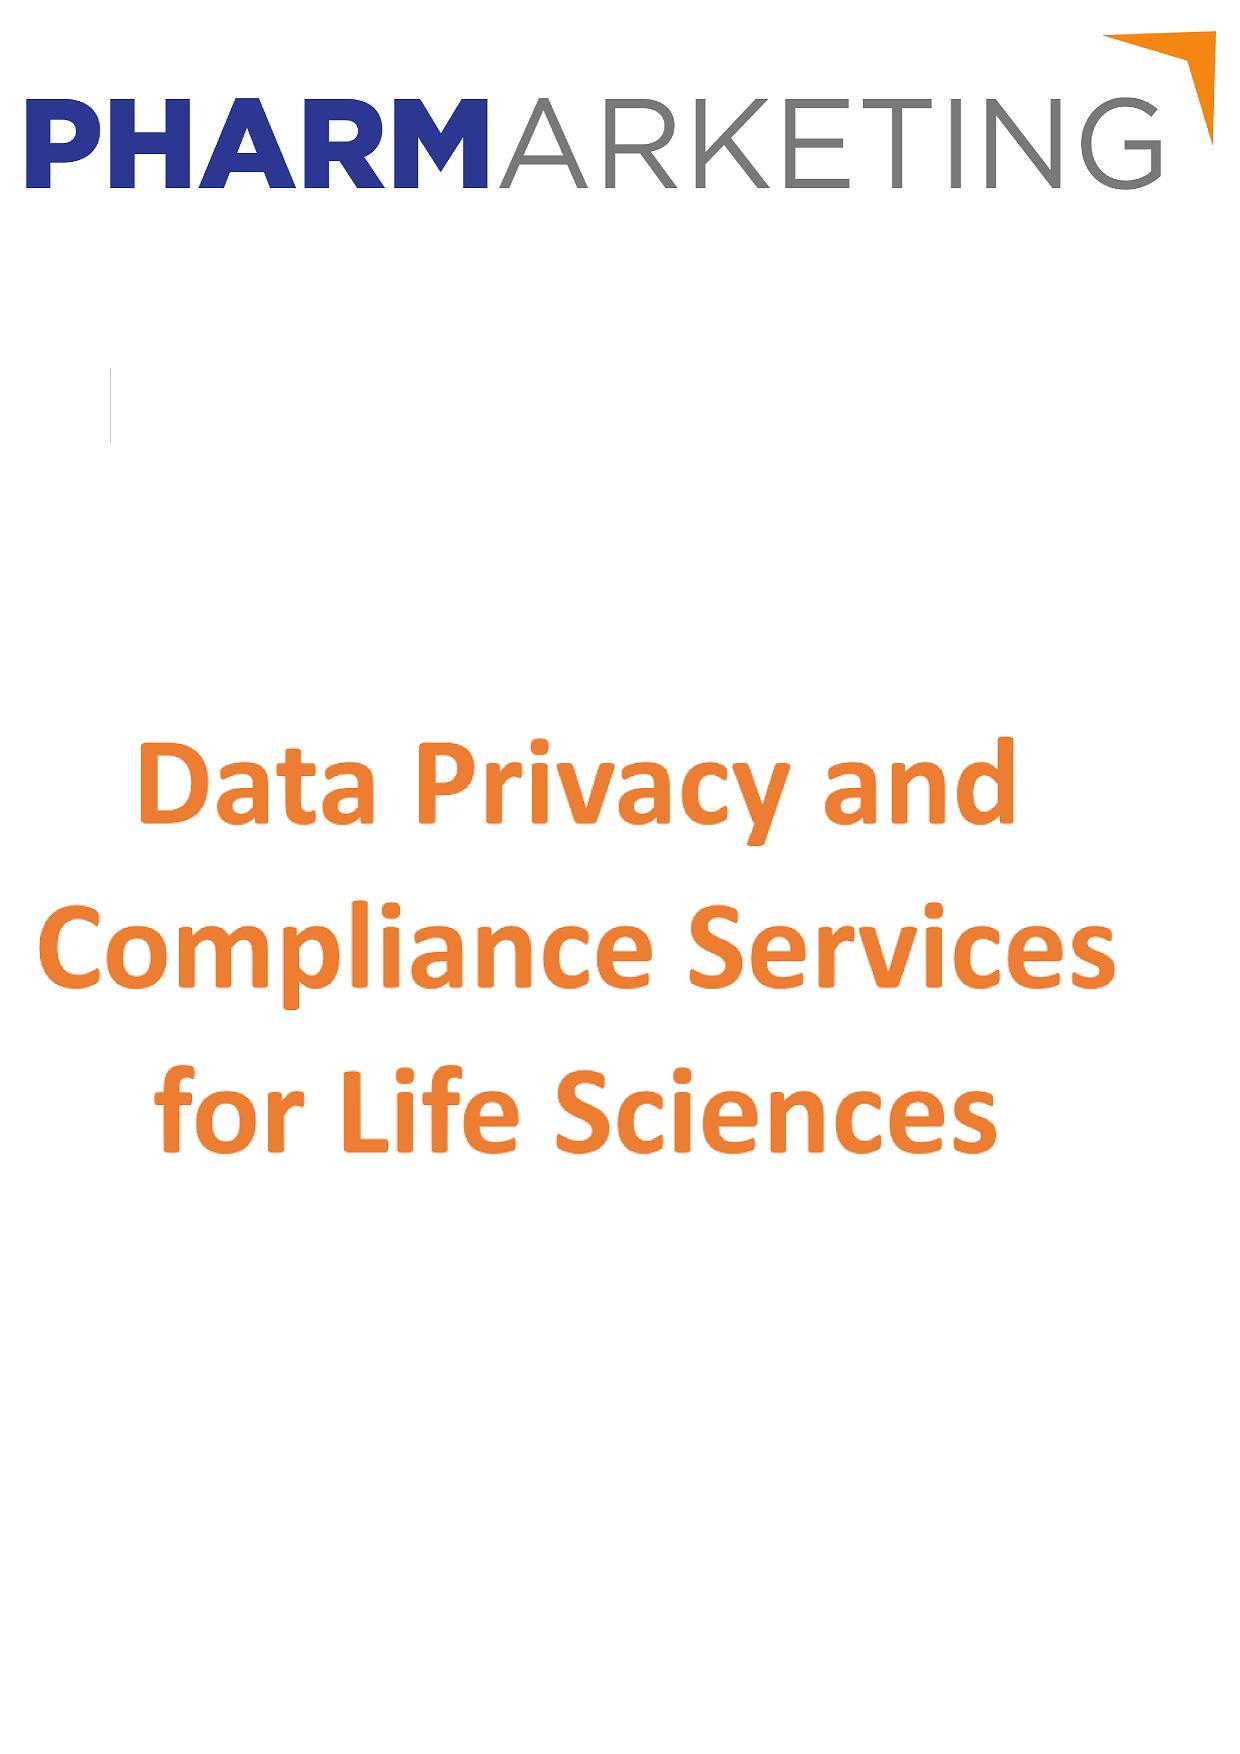 PharMarketing GDPR Life Sciences